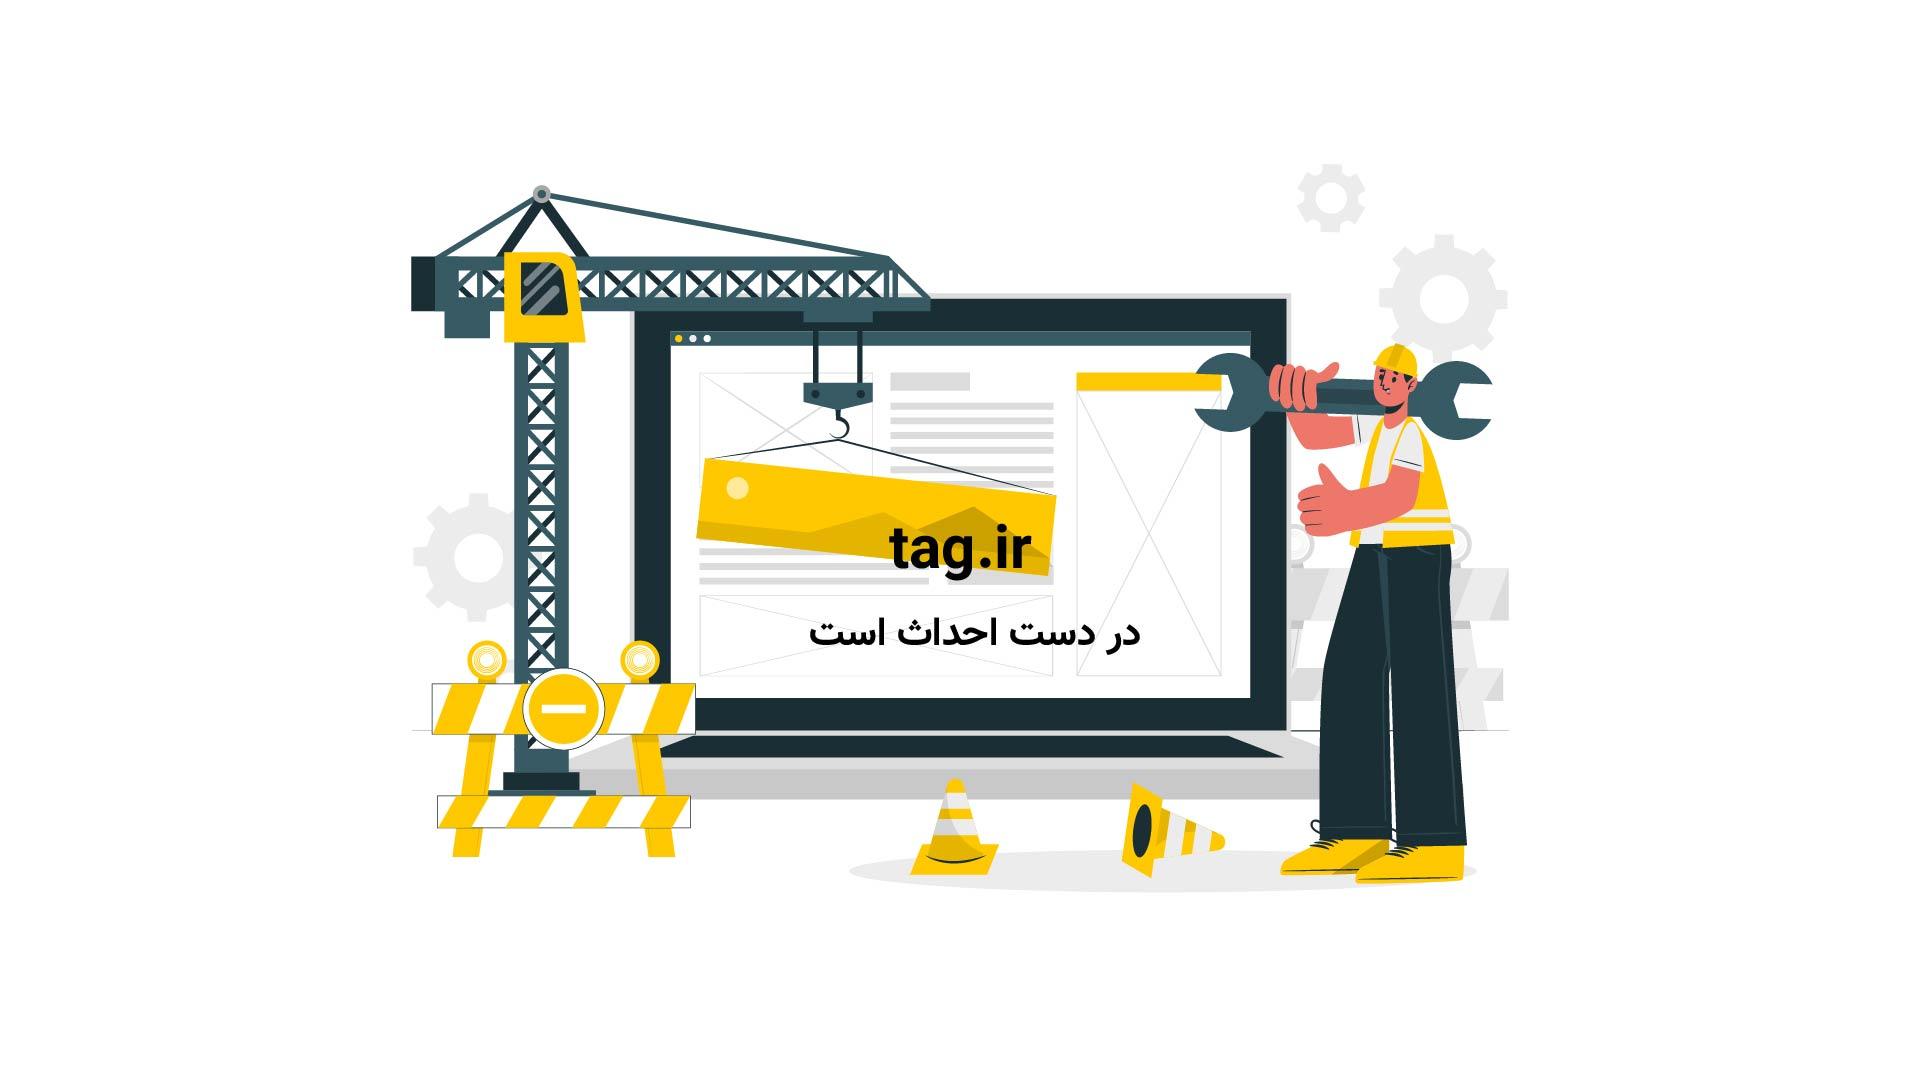 سه دزد مسلح در دزدی شبانه گرفتار اسلحه کشنده خانم خانه شدند | فیلم